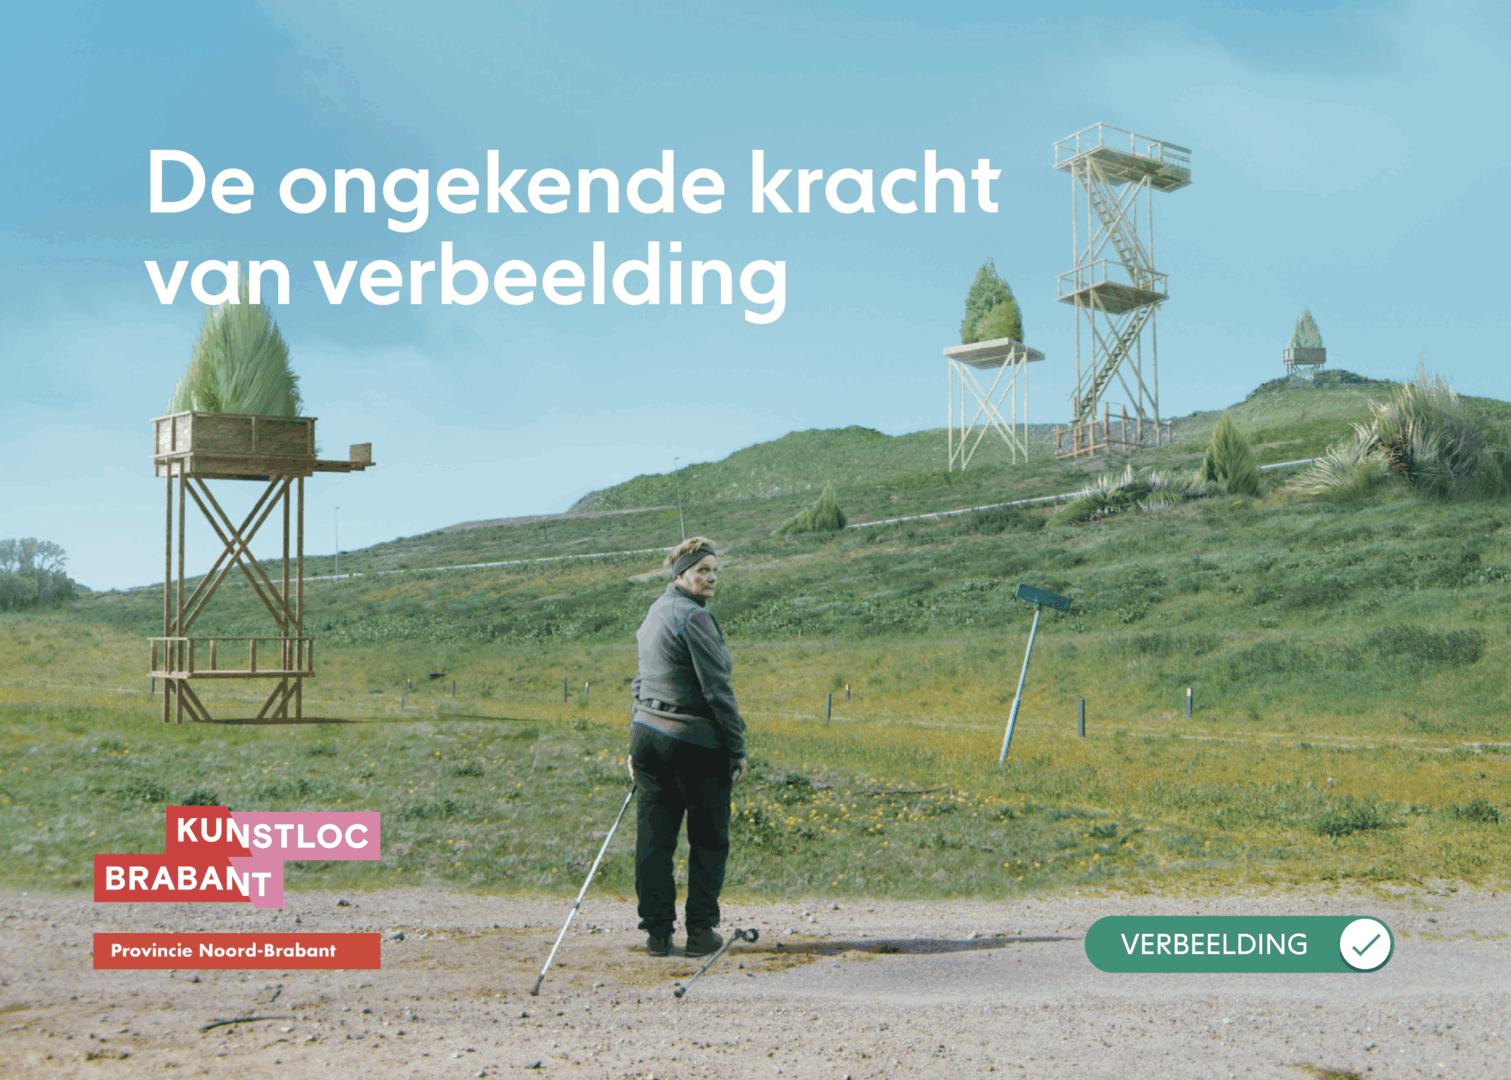 Klik hier voor verbeelding #1: het Brabantse Landschap